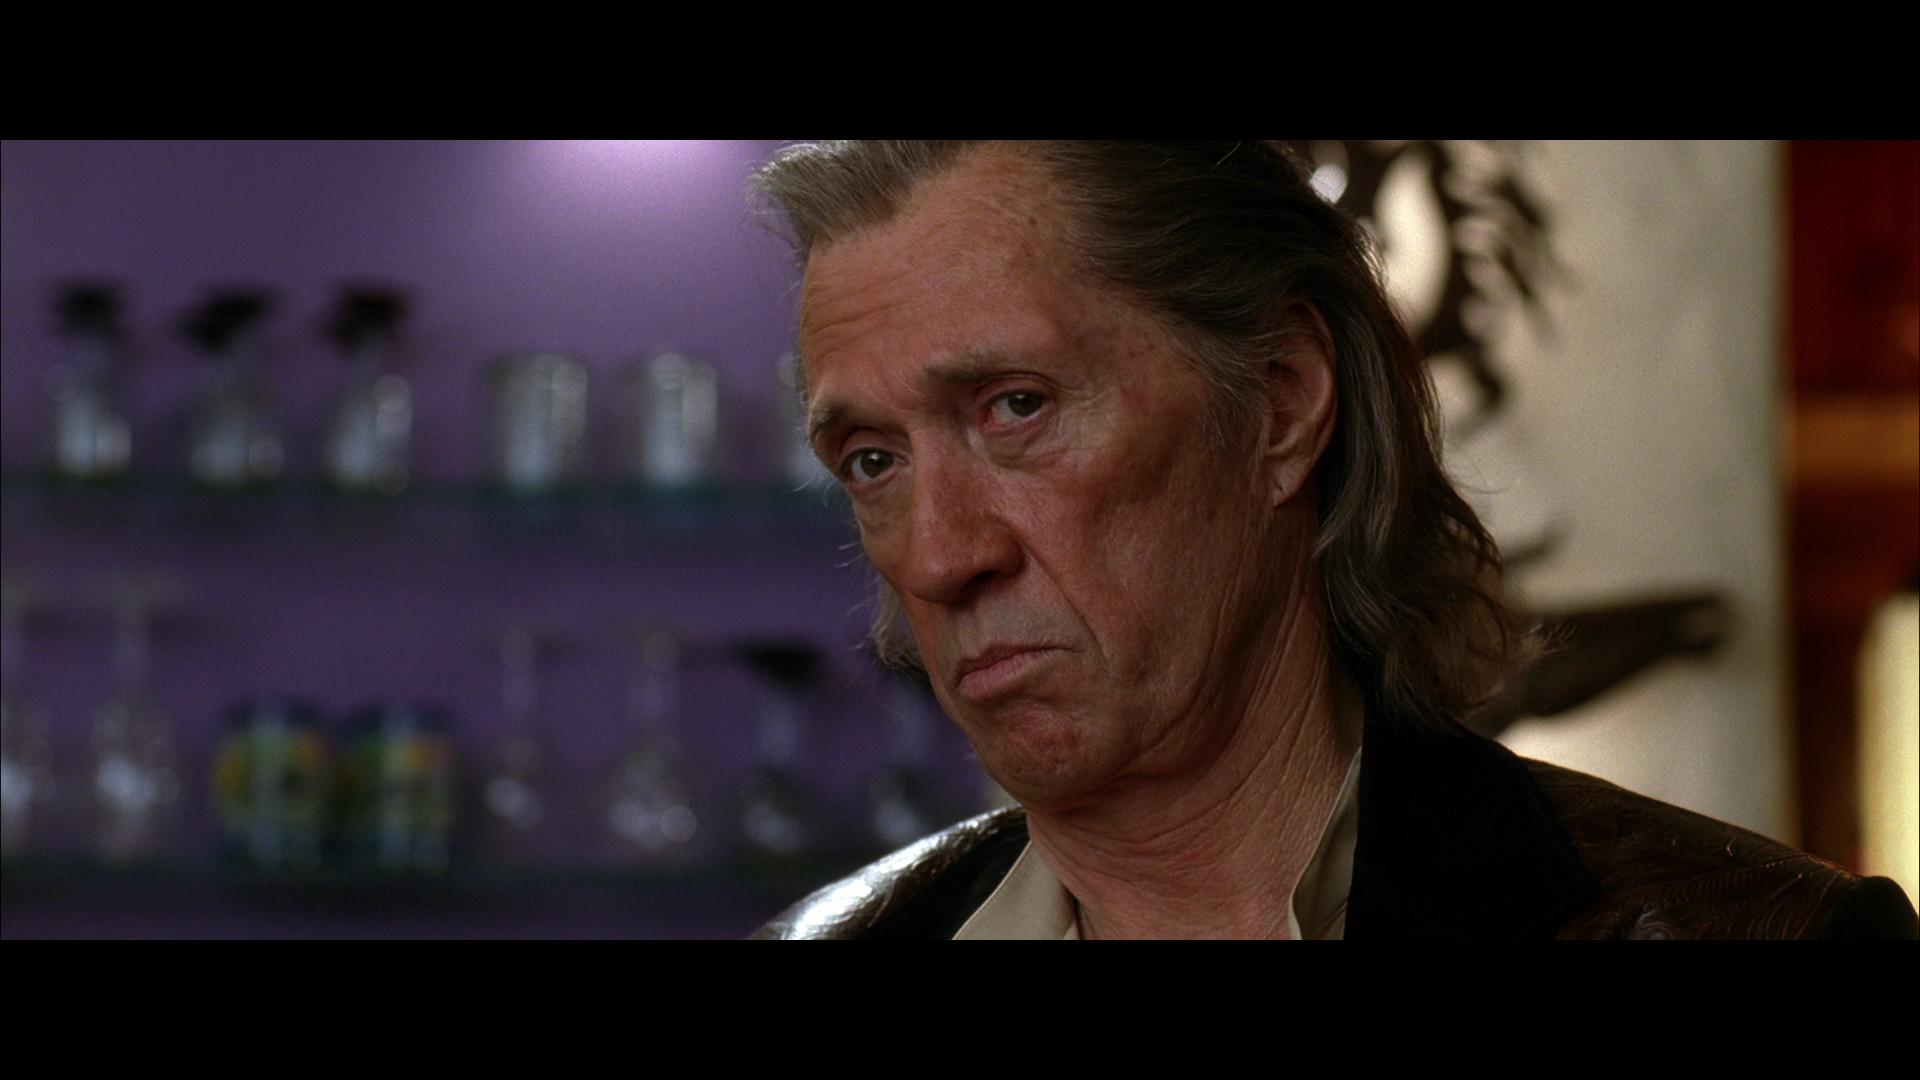 Kill Bill Volume 2 - Blu-ray Screencap